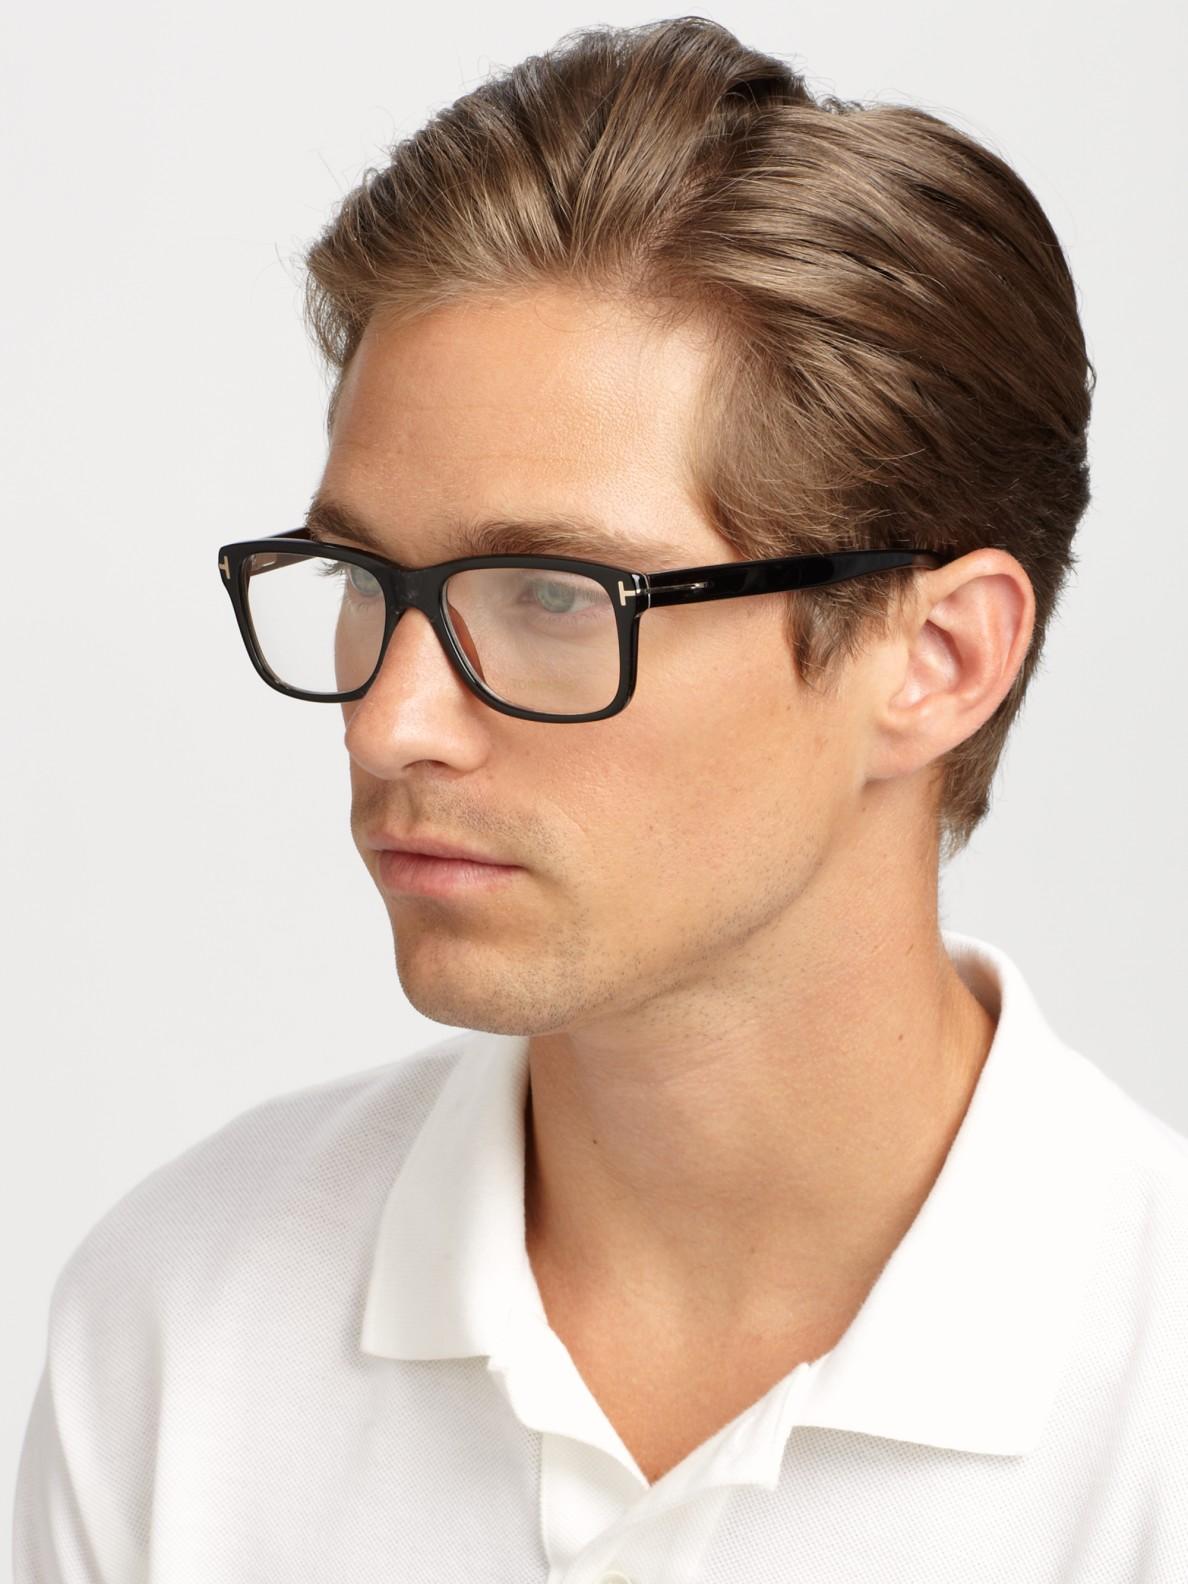 Wide Frame Glasses For Men - Best Glasses Cnapracticetesting.Com 2018